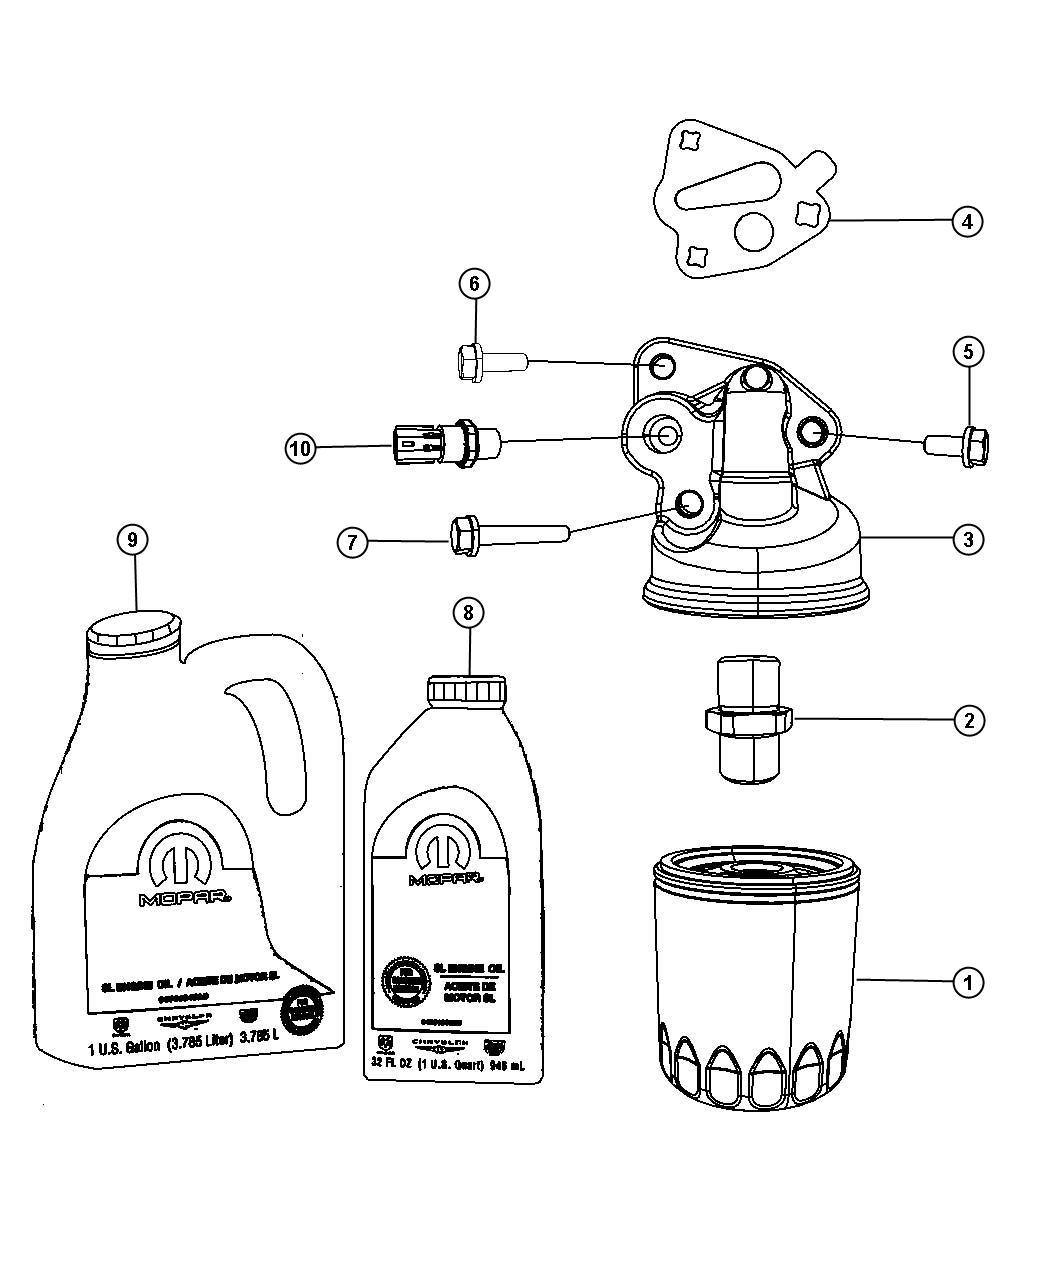 Dodge Grand Caravan Engine Oil Engine Oil Filter And